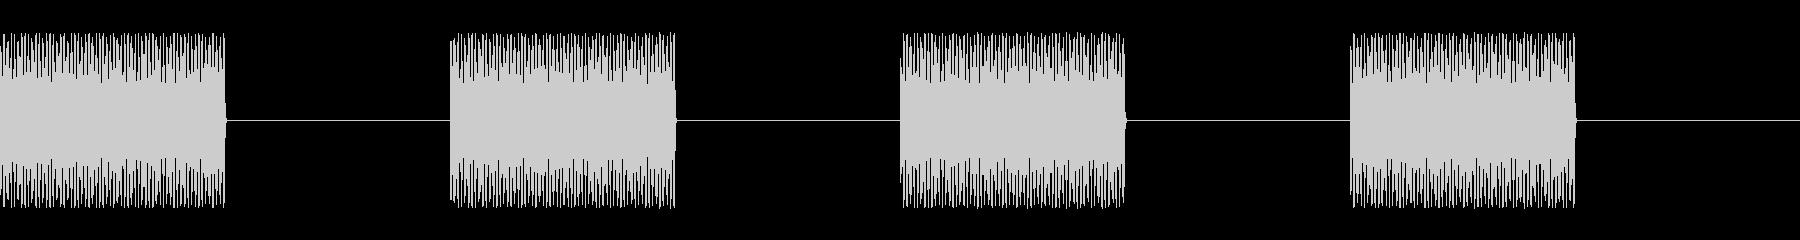 「トゥルルル」電話呼び出し音(発信側C)の未再生の波形